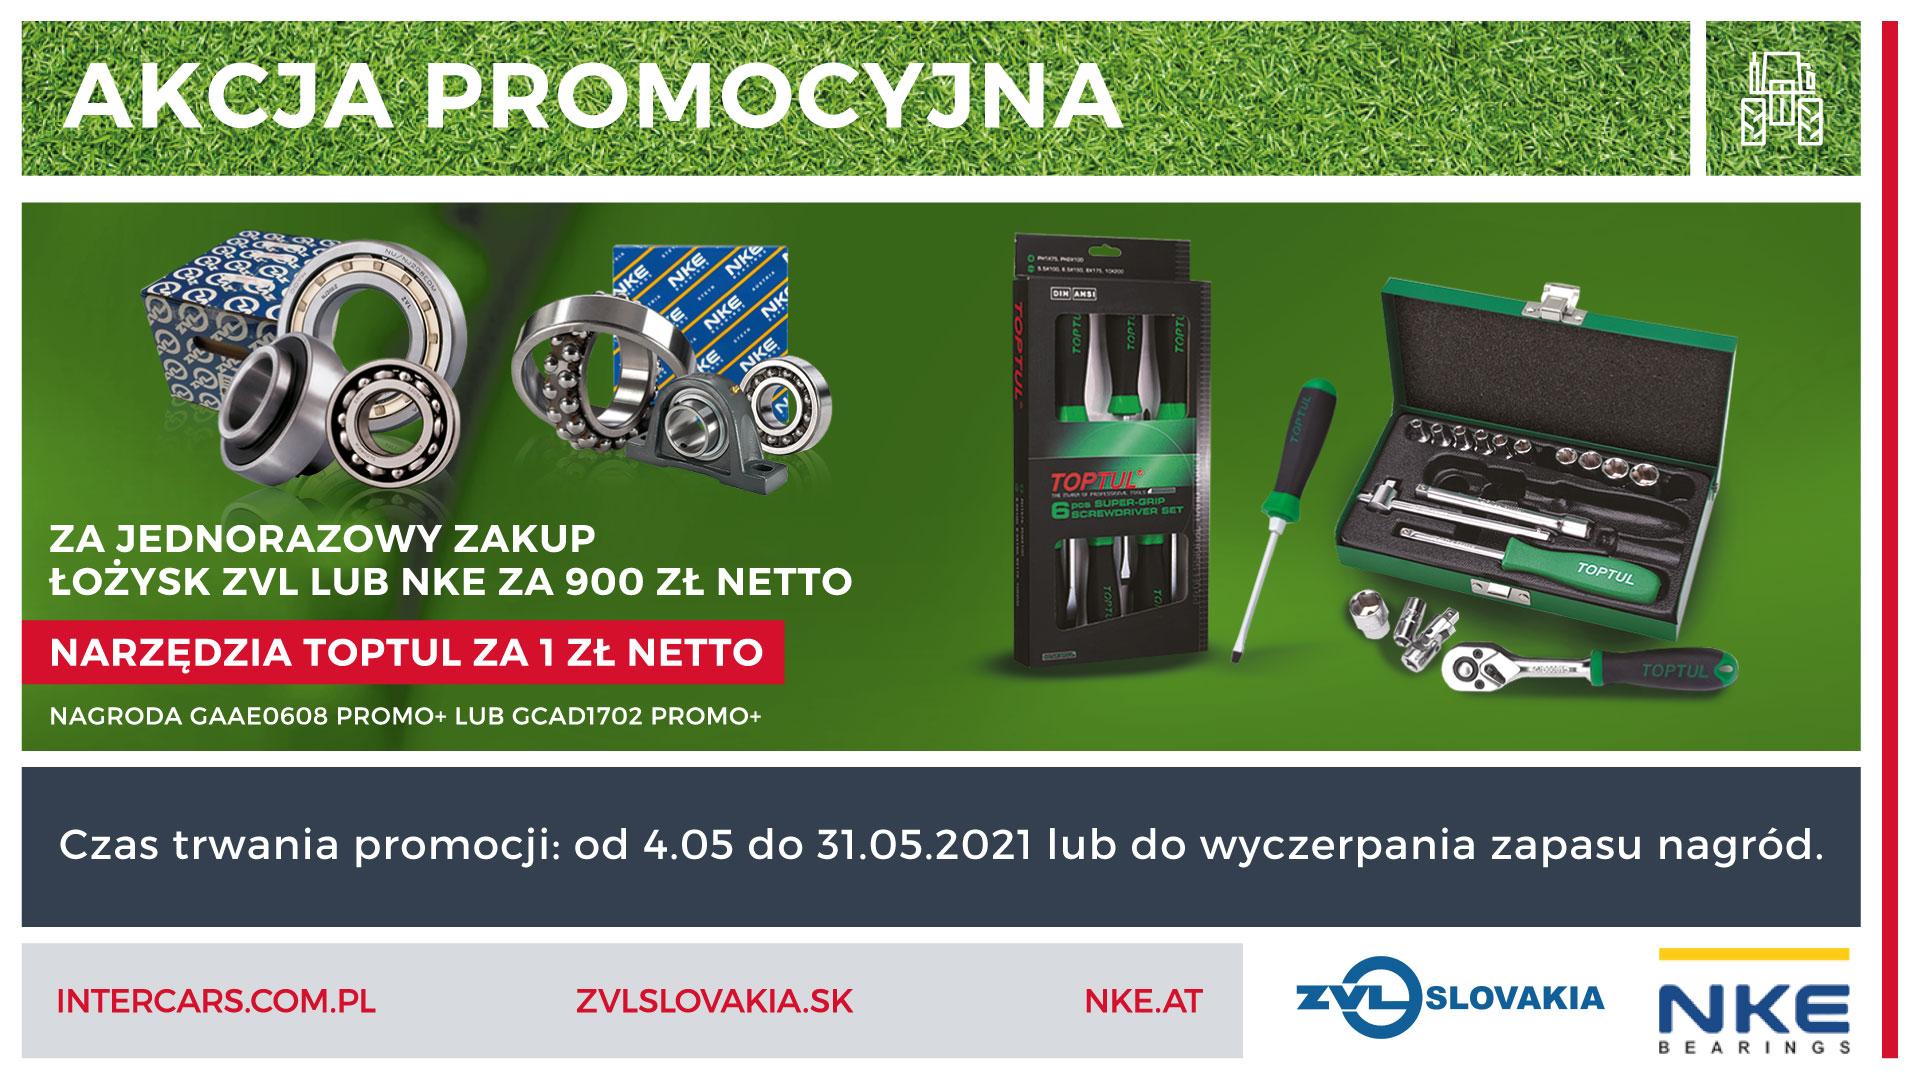 nke_zvl_za_jednorazowy_zakup_lozysk_narzedzia_toptul_za_1_zl_agro_1920x1080.jpg